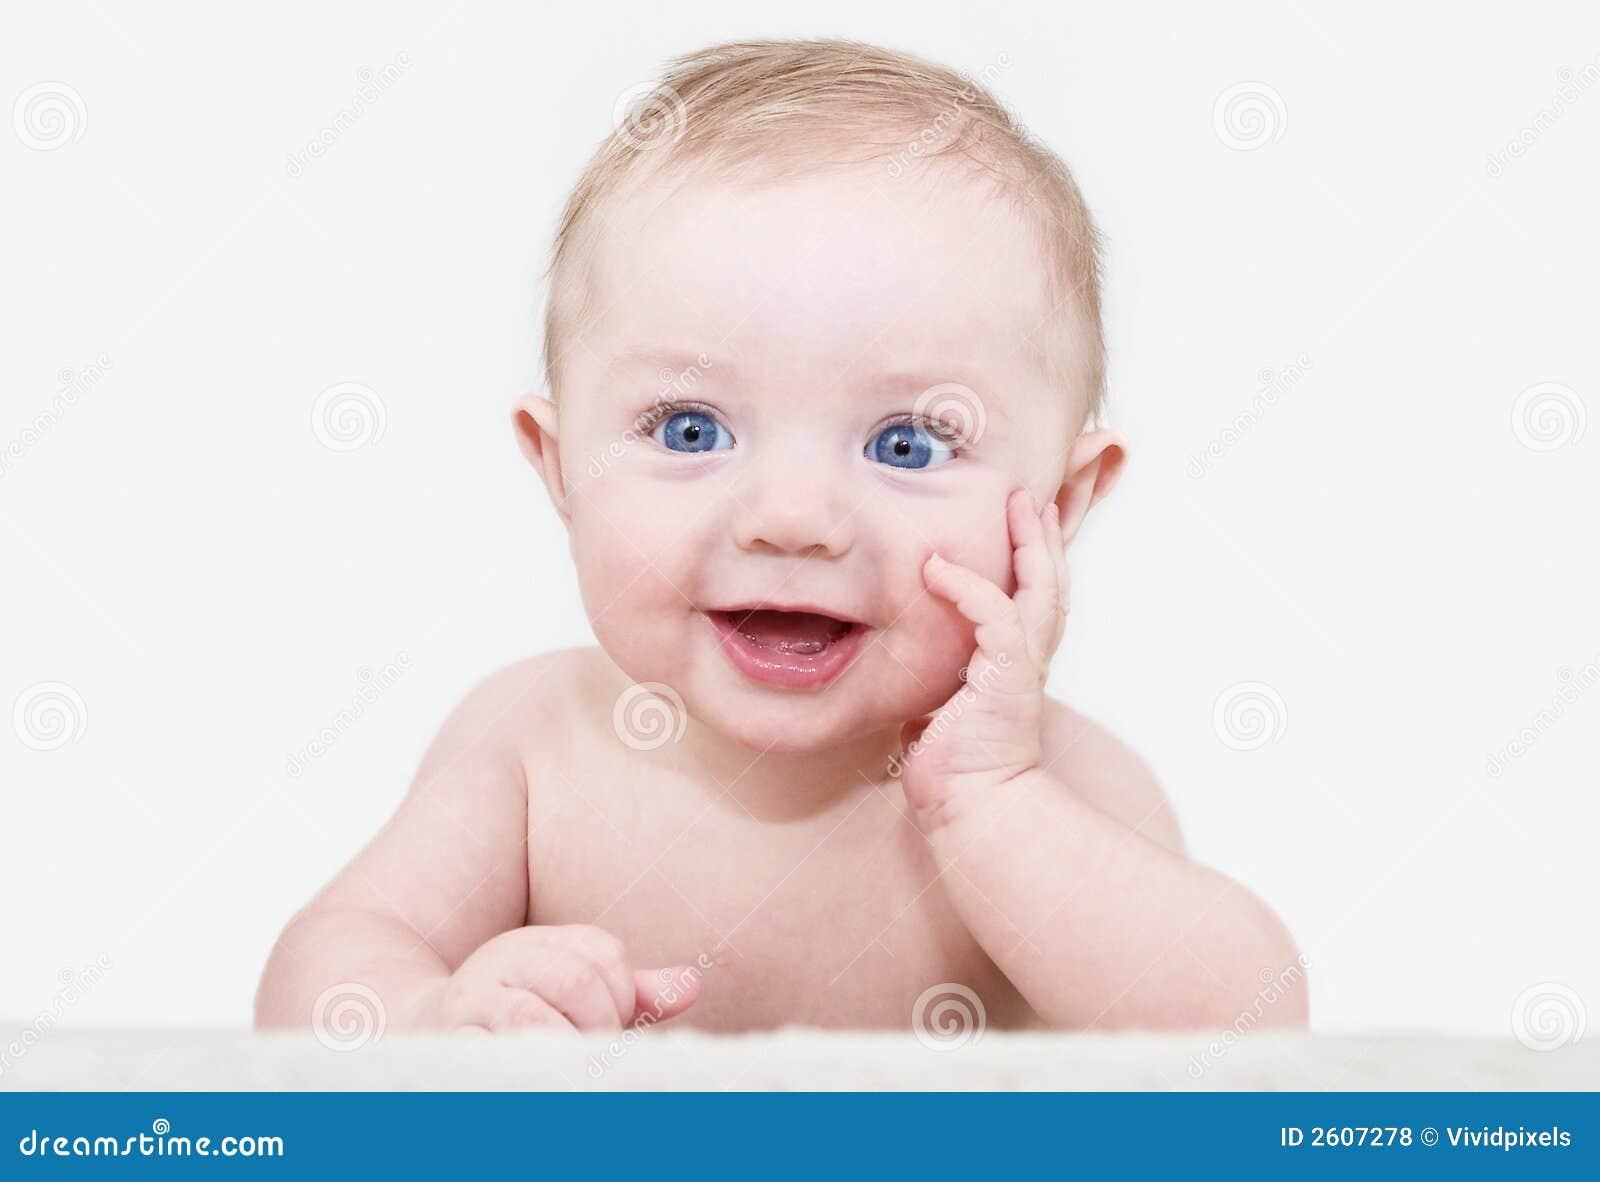 Posizione del neonato